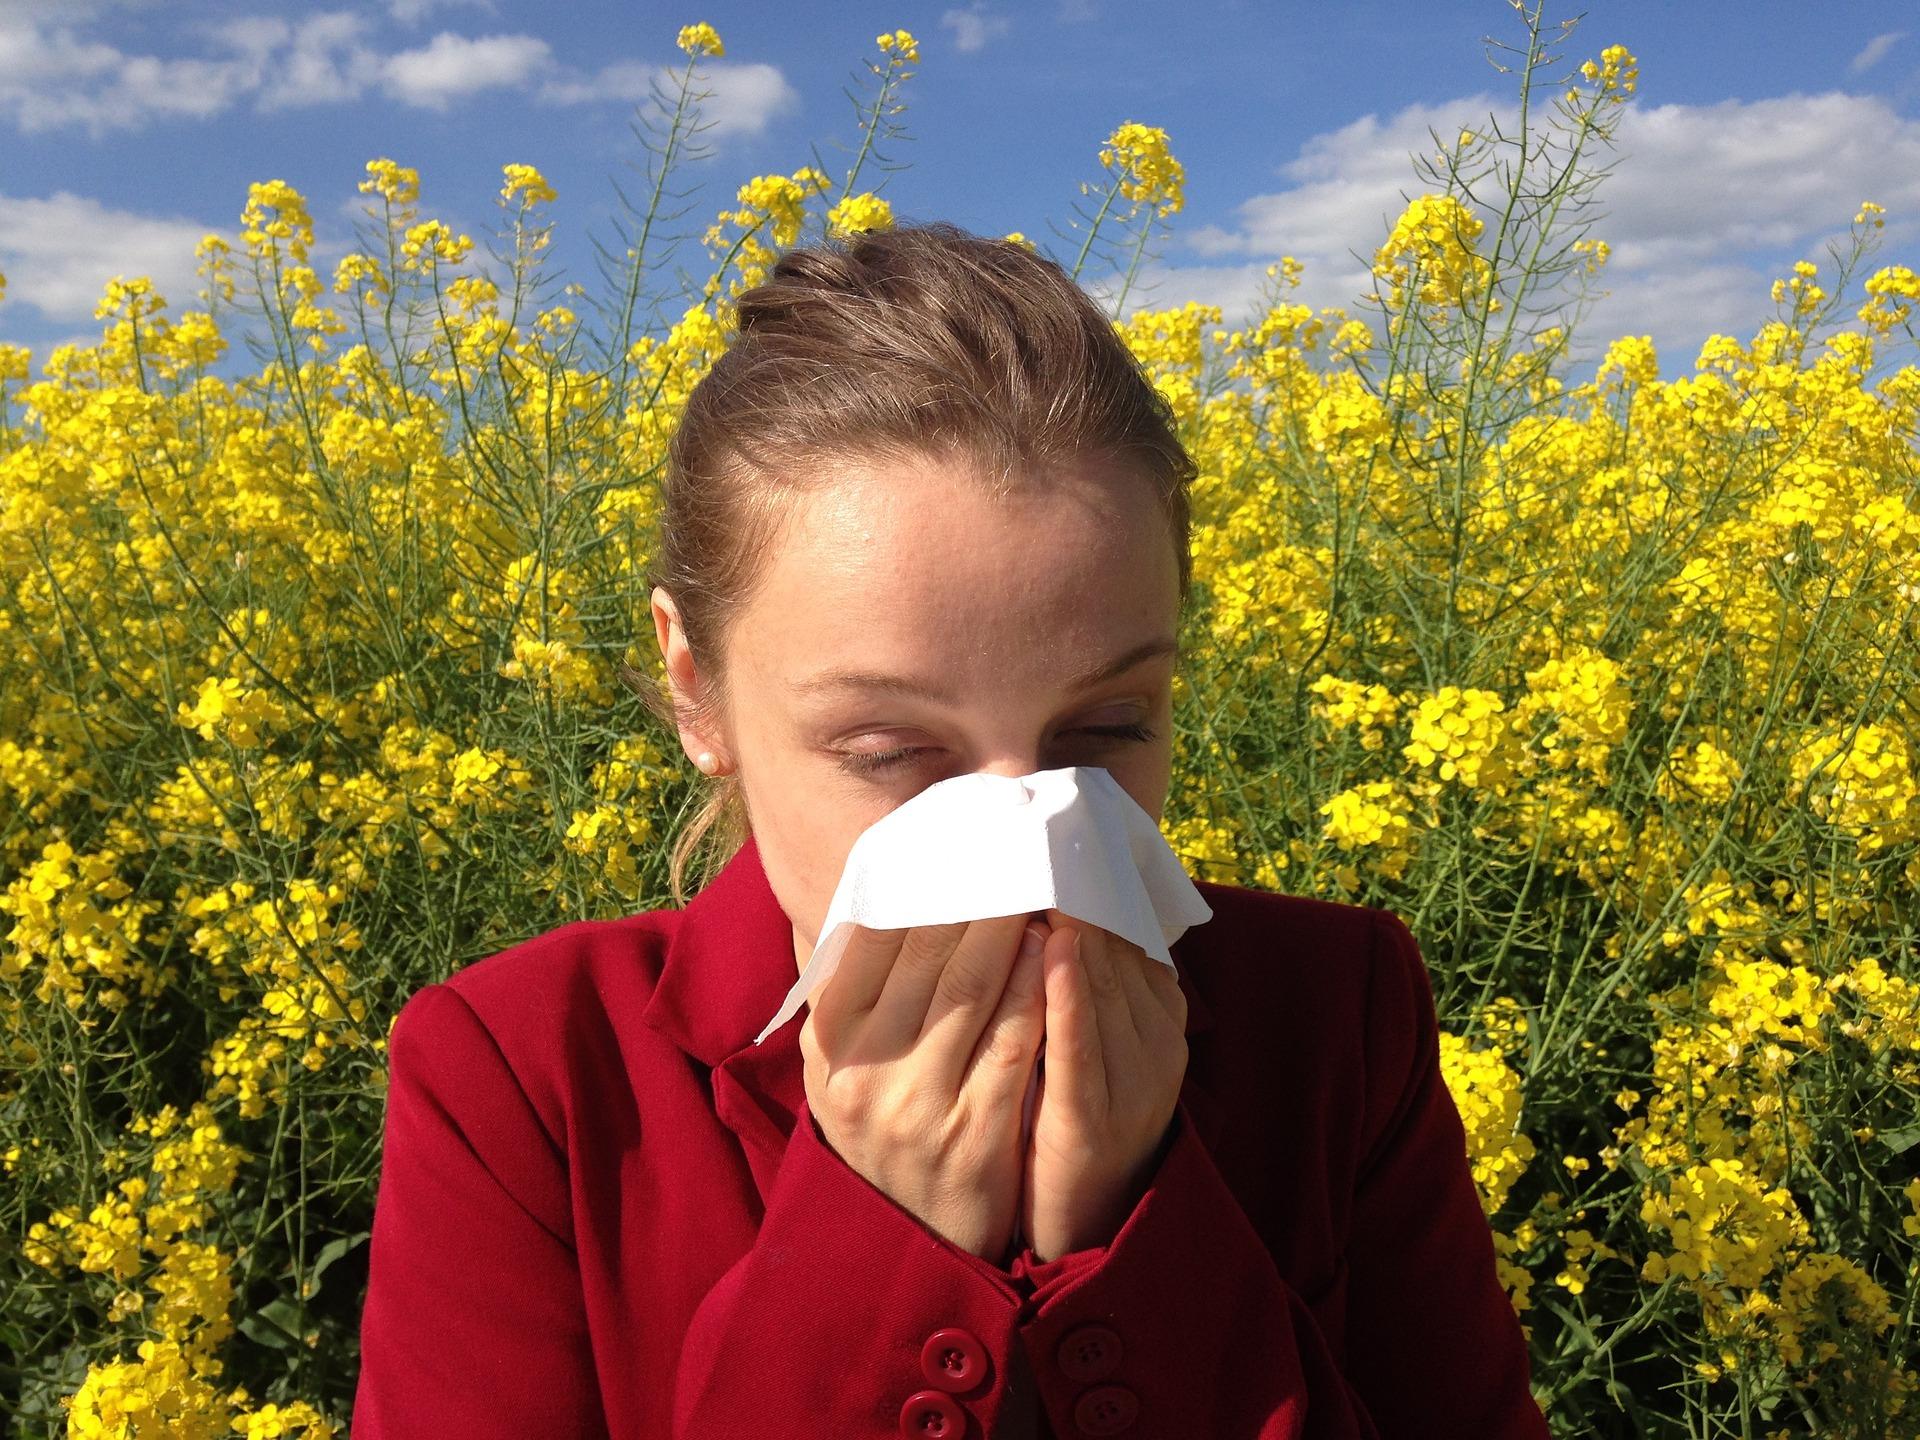 Estudio sobe la acupuntura para la alergia estacional